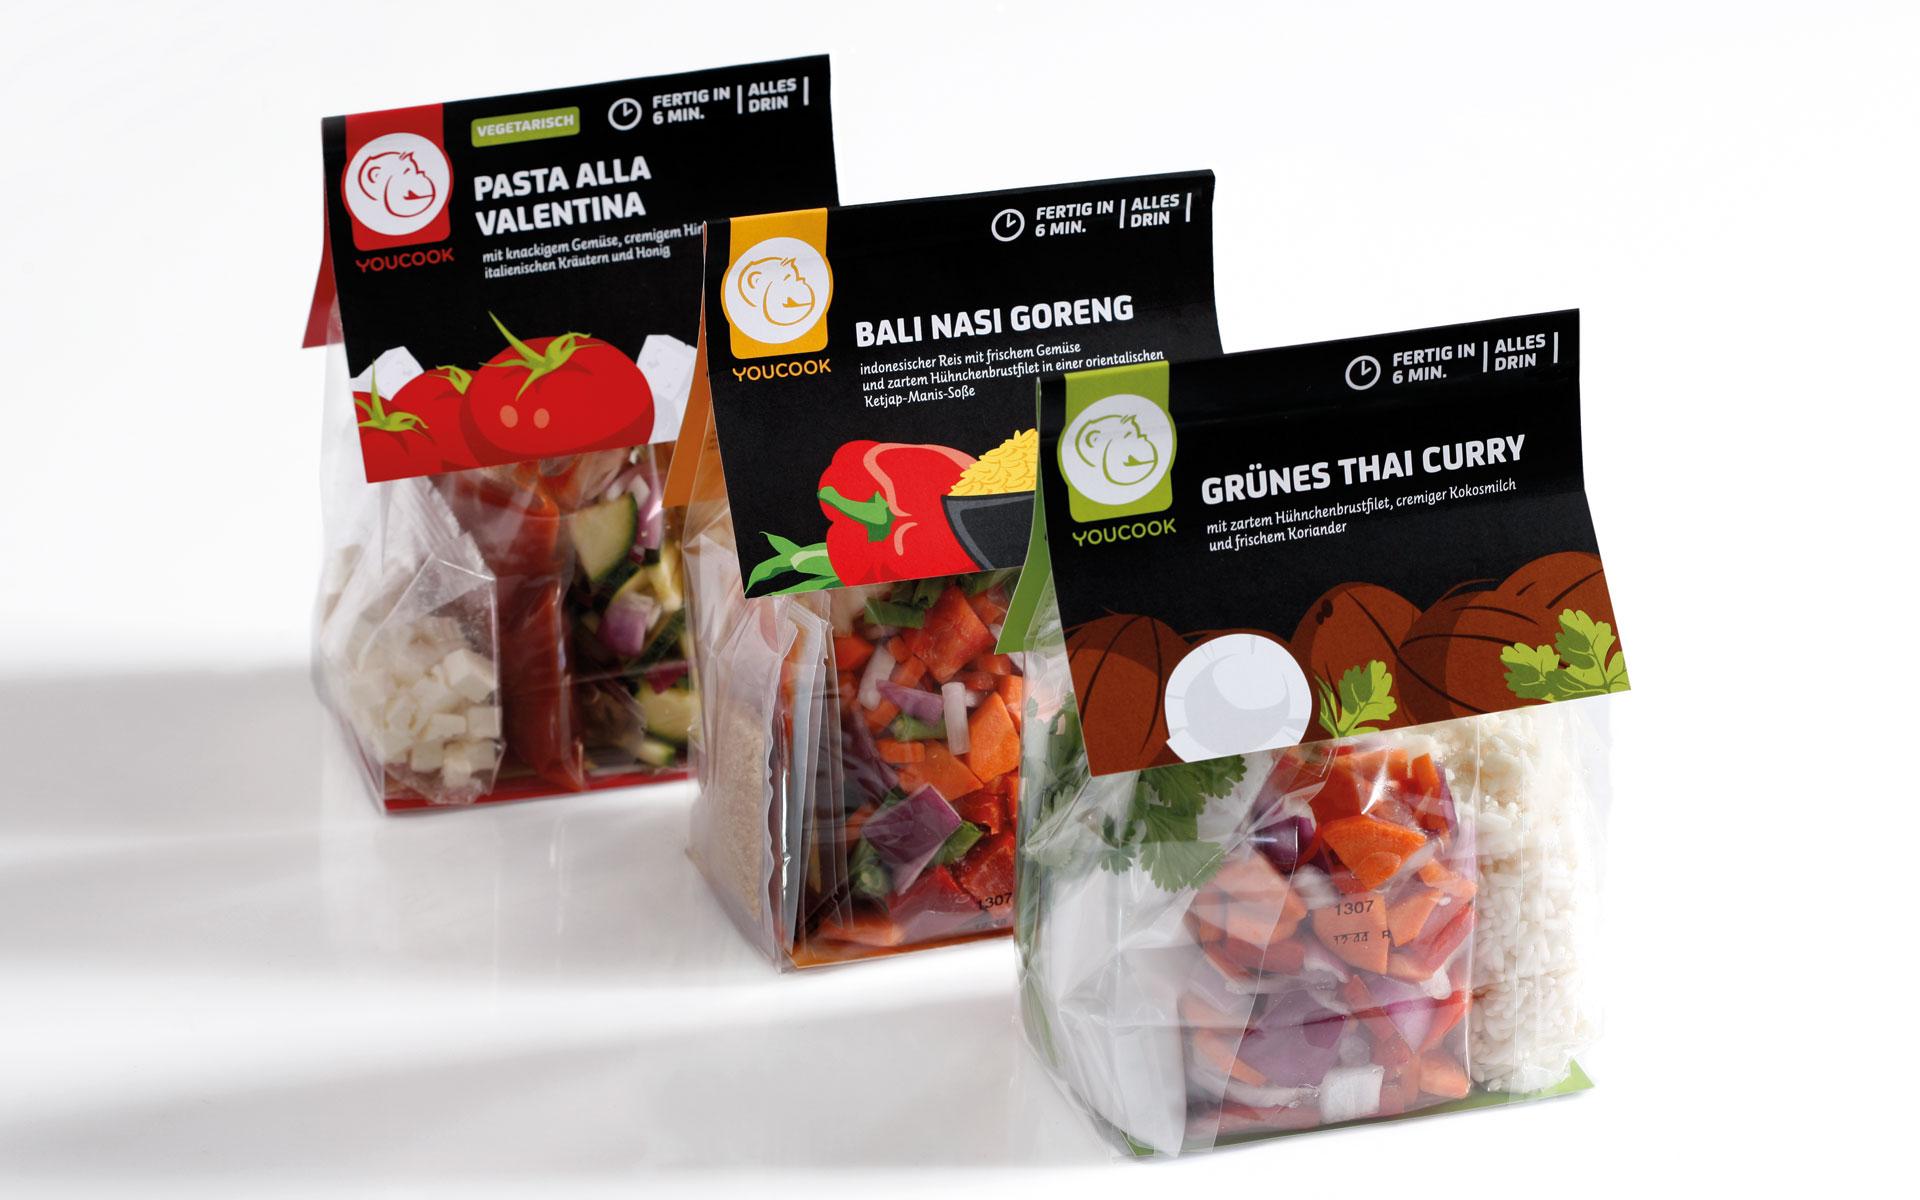 youcook Brand Identity, Packaging, Verpackungen, diverse Sorten